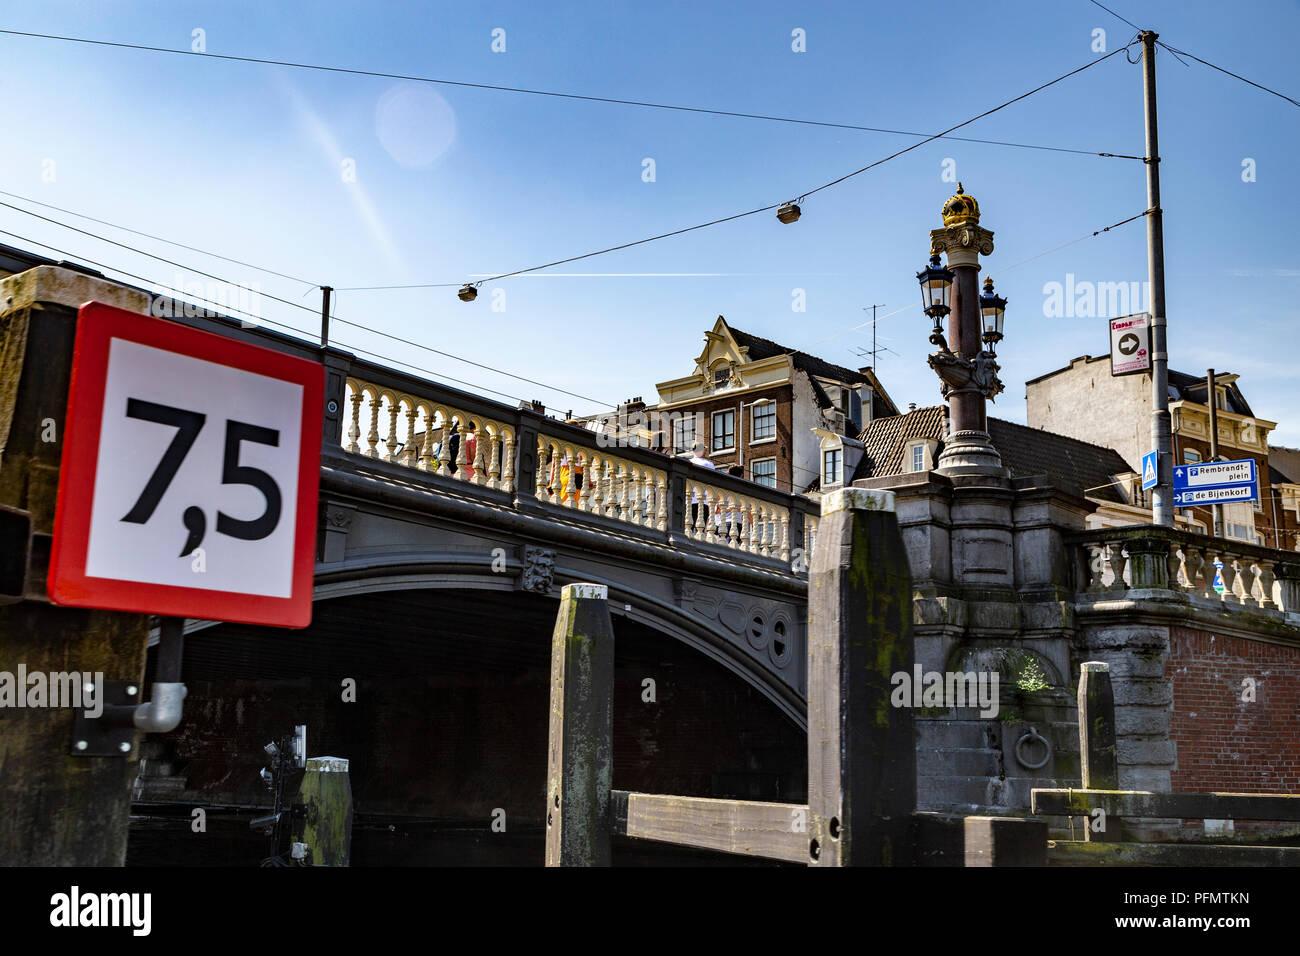 Limite de hauteur sur un pont d'Amsterdam, Pays-Bas Photo Stock